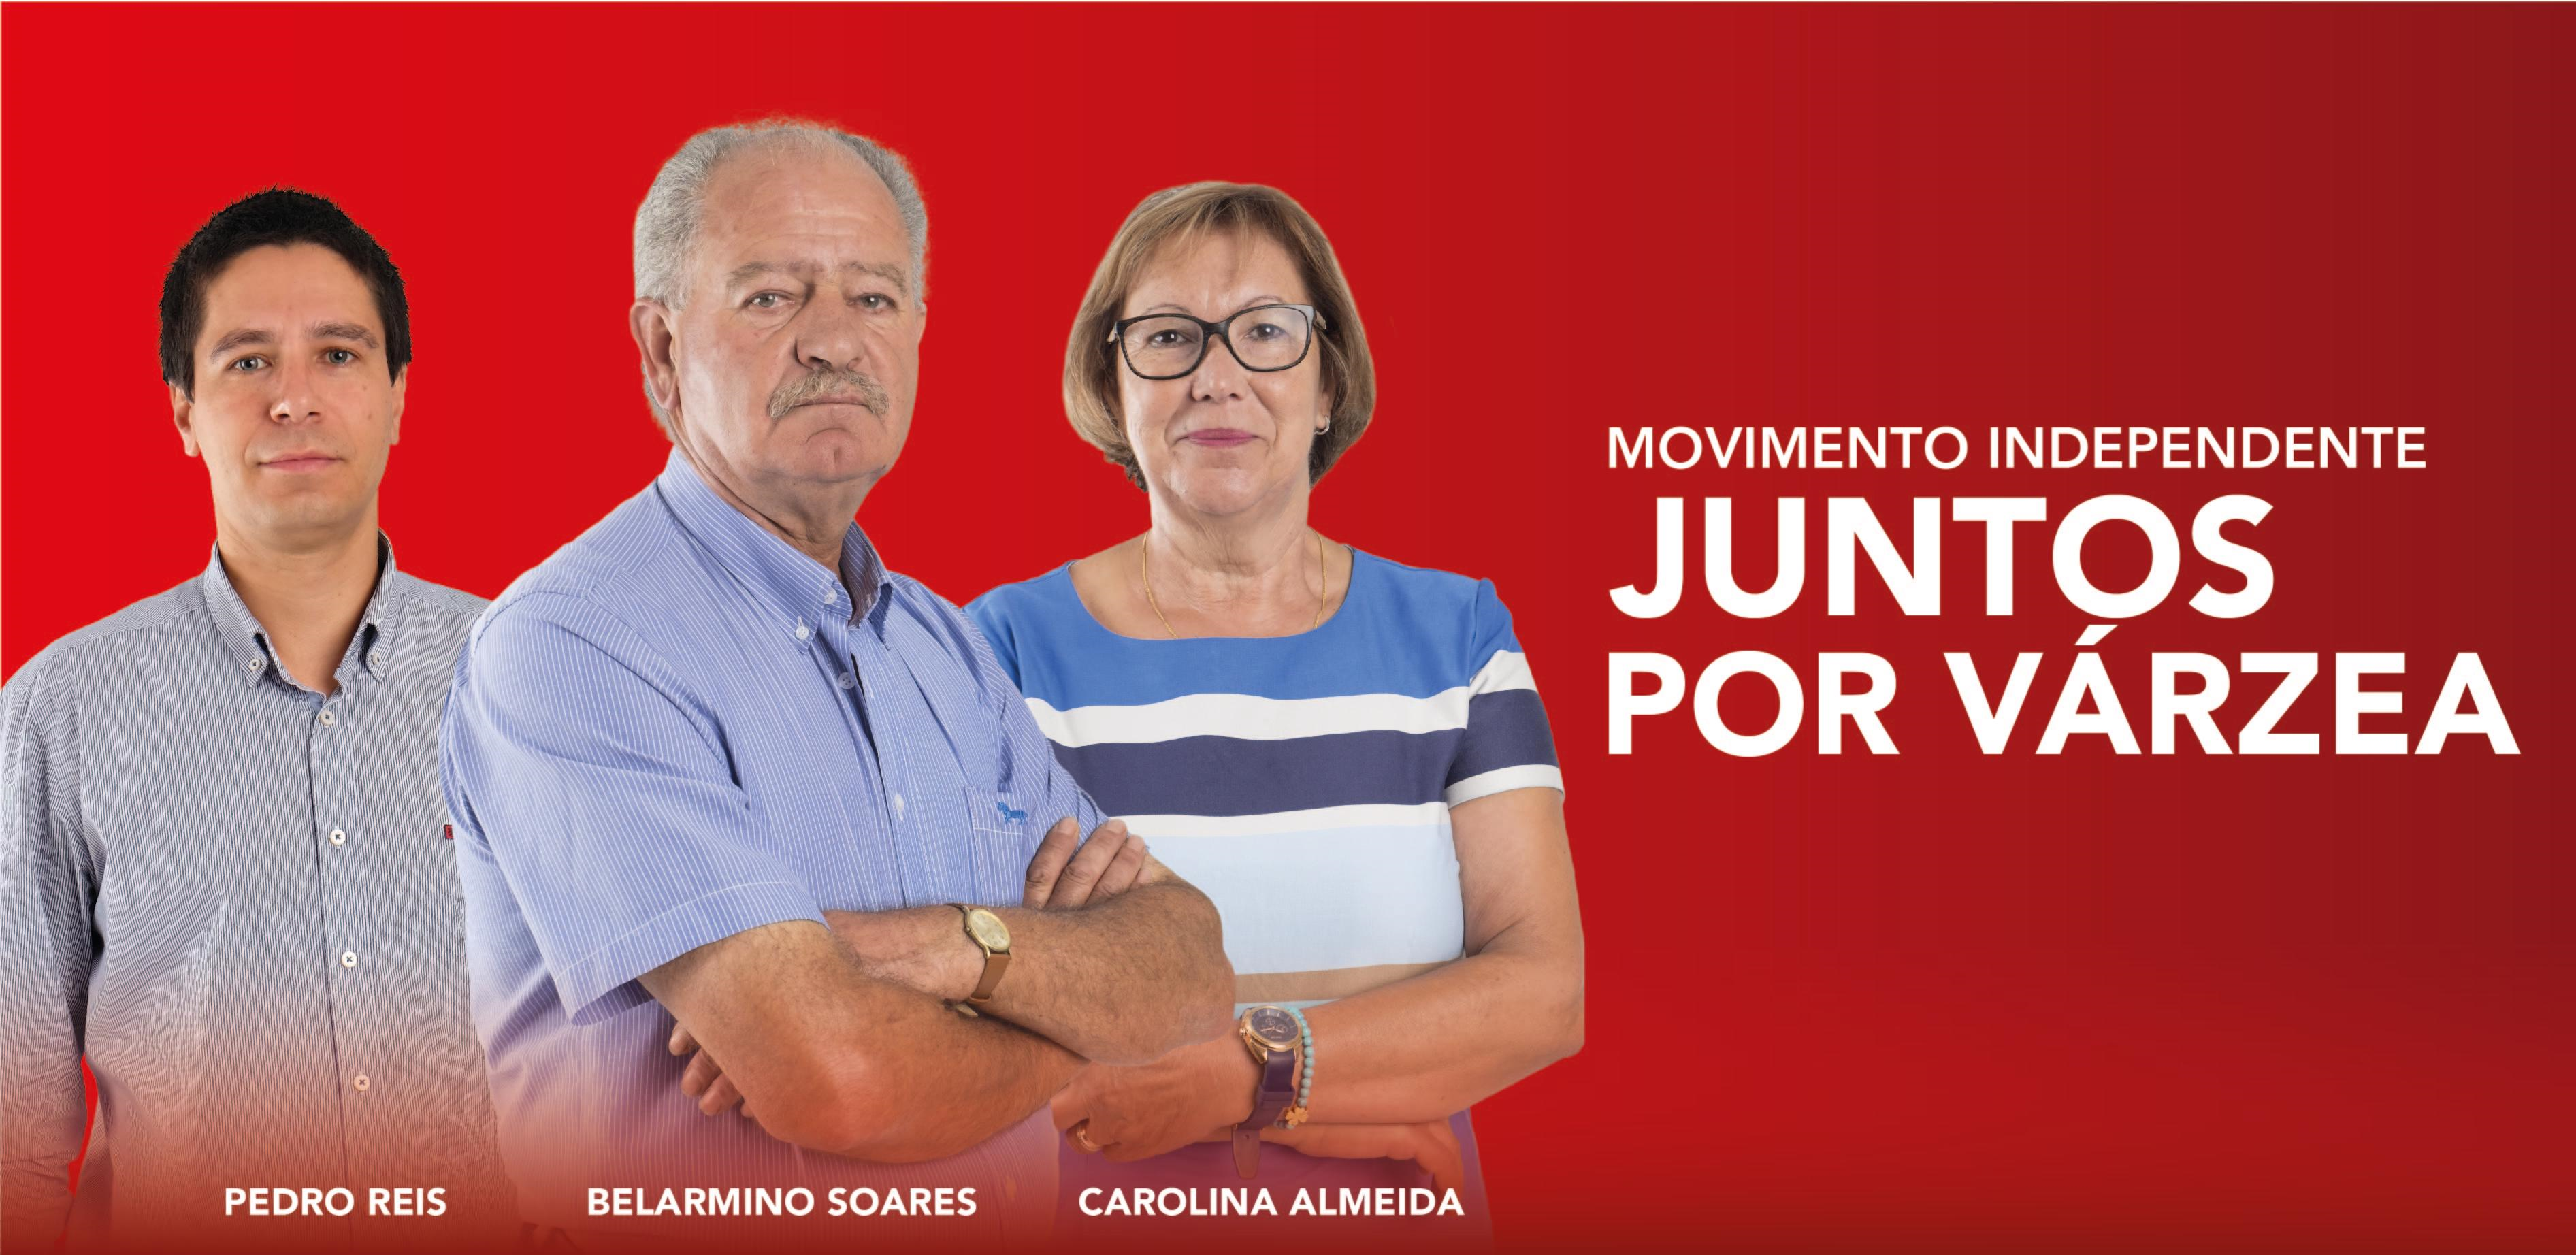 Belarmino Soares regressa à política para devolver o dinamismo a Várzea